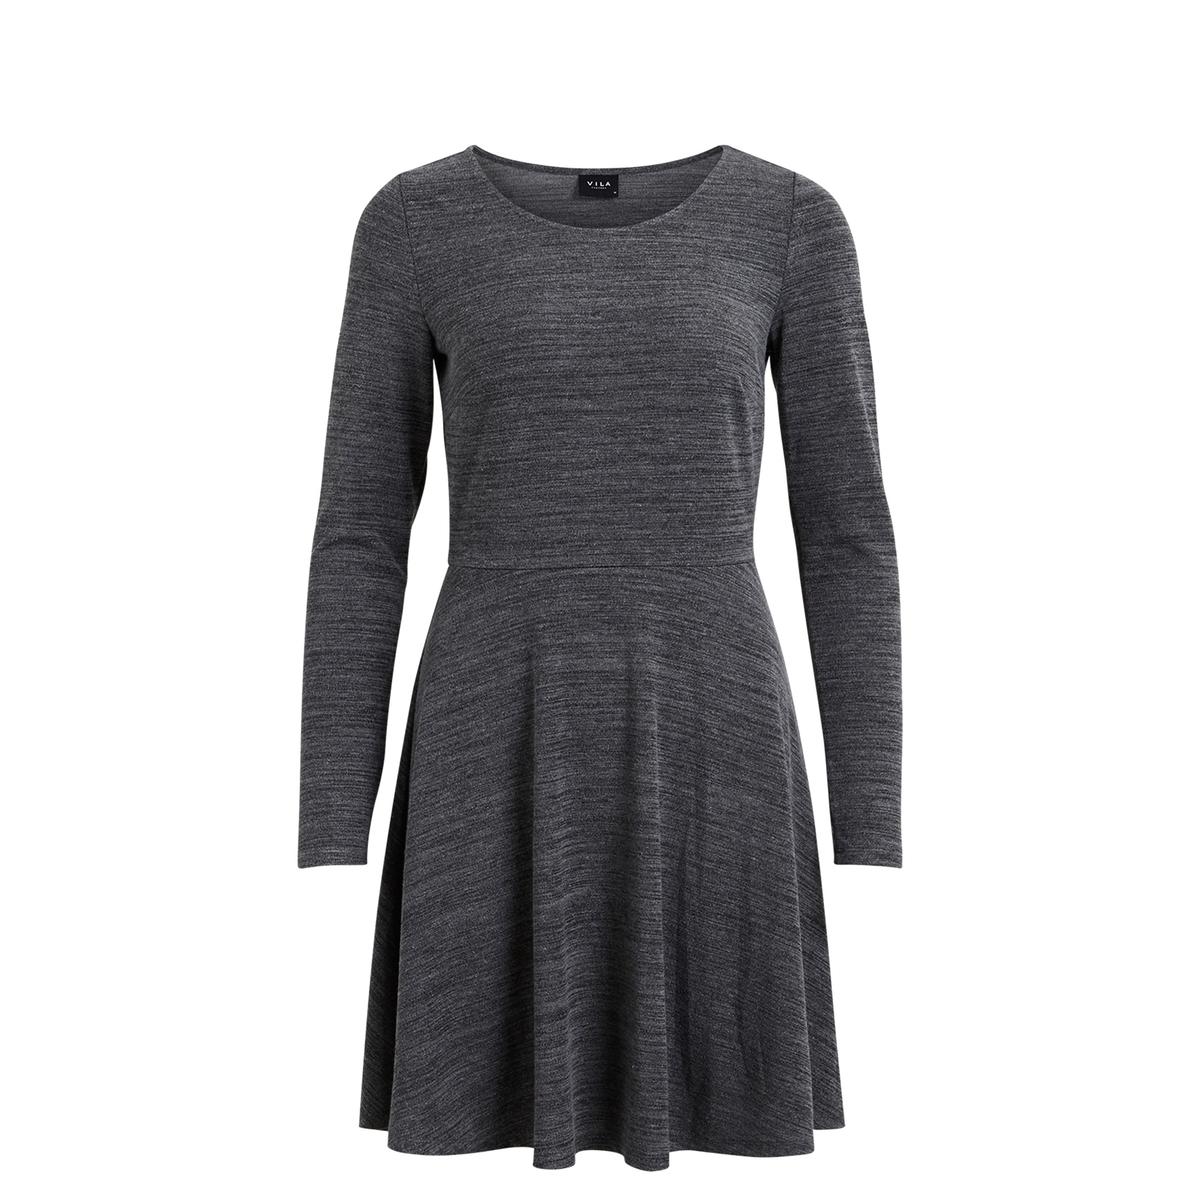 Платье прямого покрояПлатье VILA. Платье прямого покроя. Мягкий и струящийся материал . Состав и описание :Материал : 53% растительных волокон, 43% полиэстера, 4% эластана Марка : VILA.<br><br>Цвет: темно-серый меланж